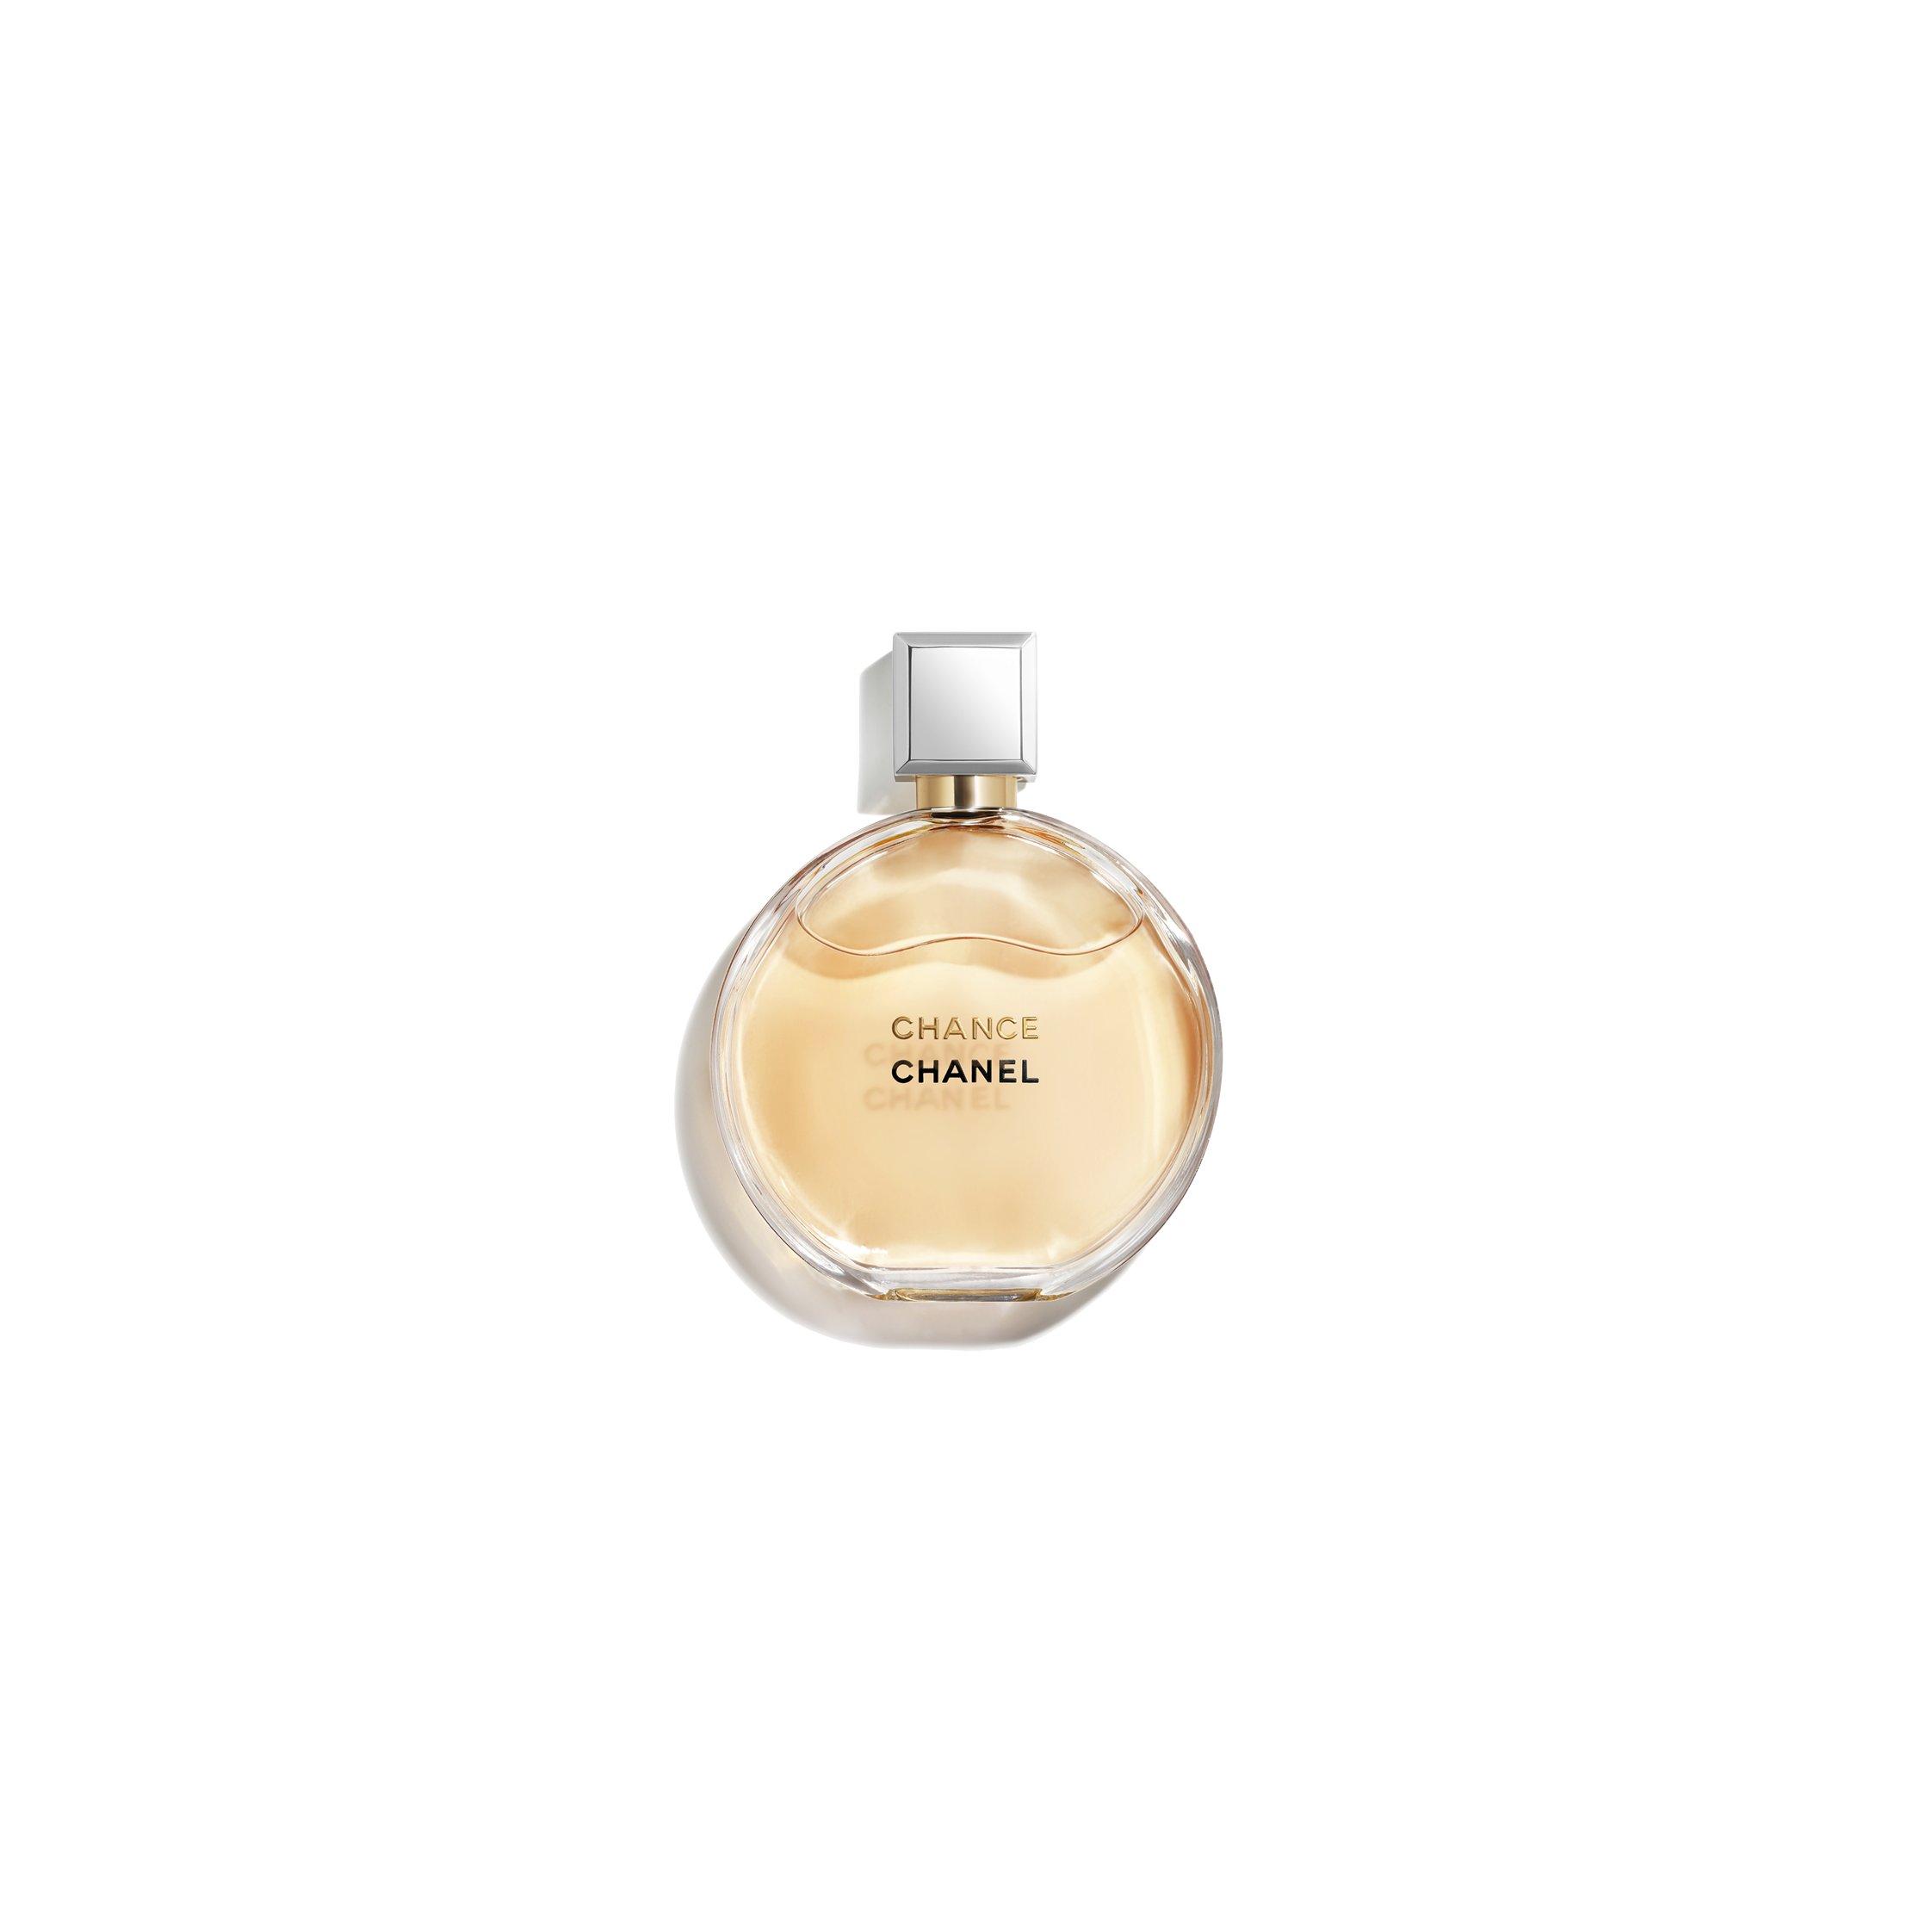 PA2017_21_1143_CHANCE_Eau de Parfum.jpg